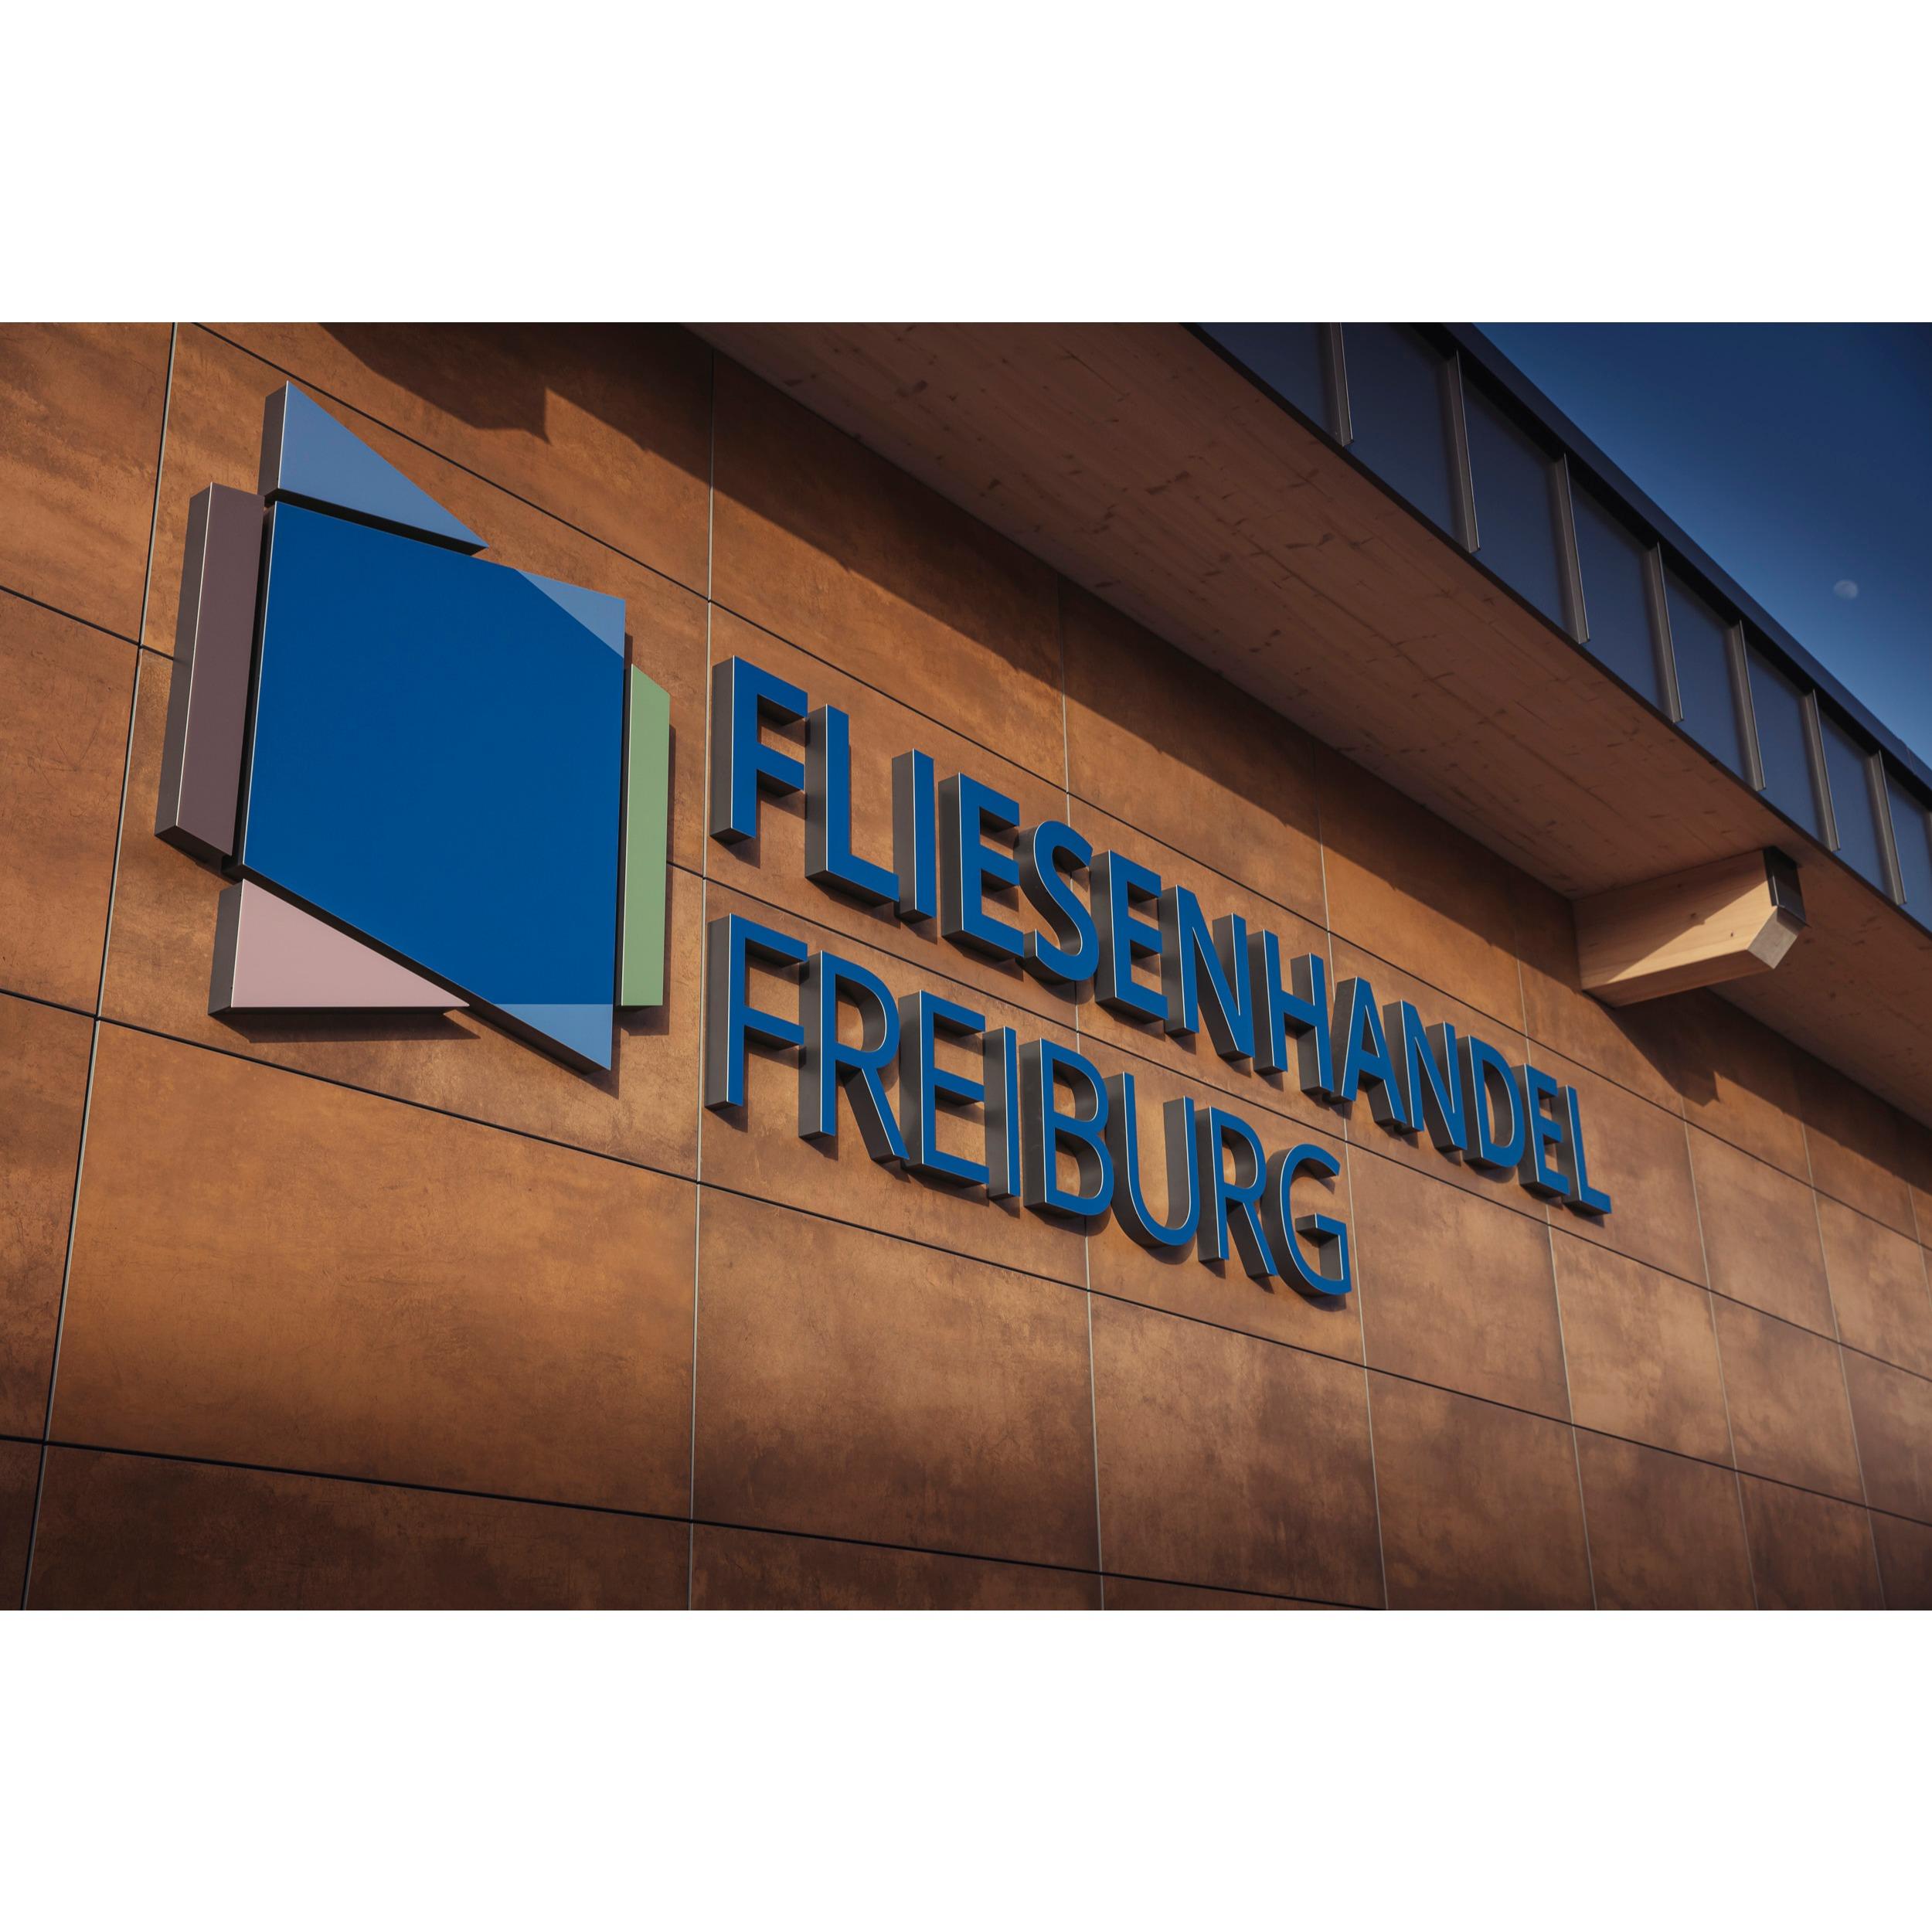 Bild zu Fliesenhandel Freiburg in Freiburg im Breisgau